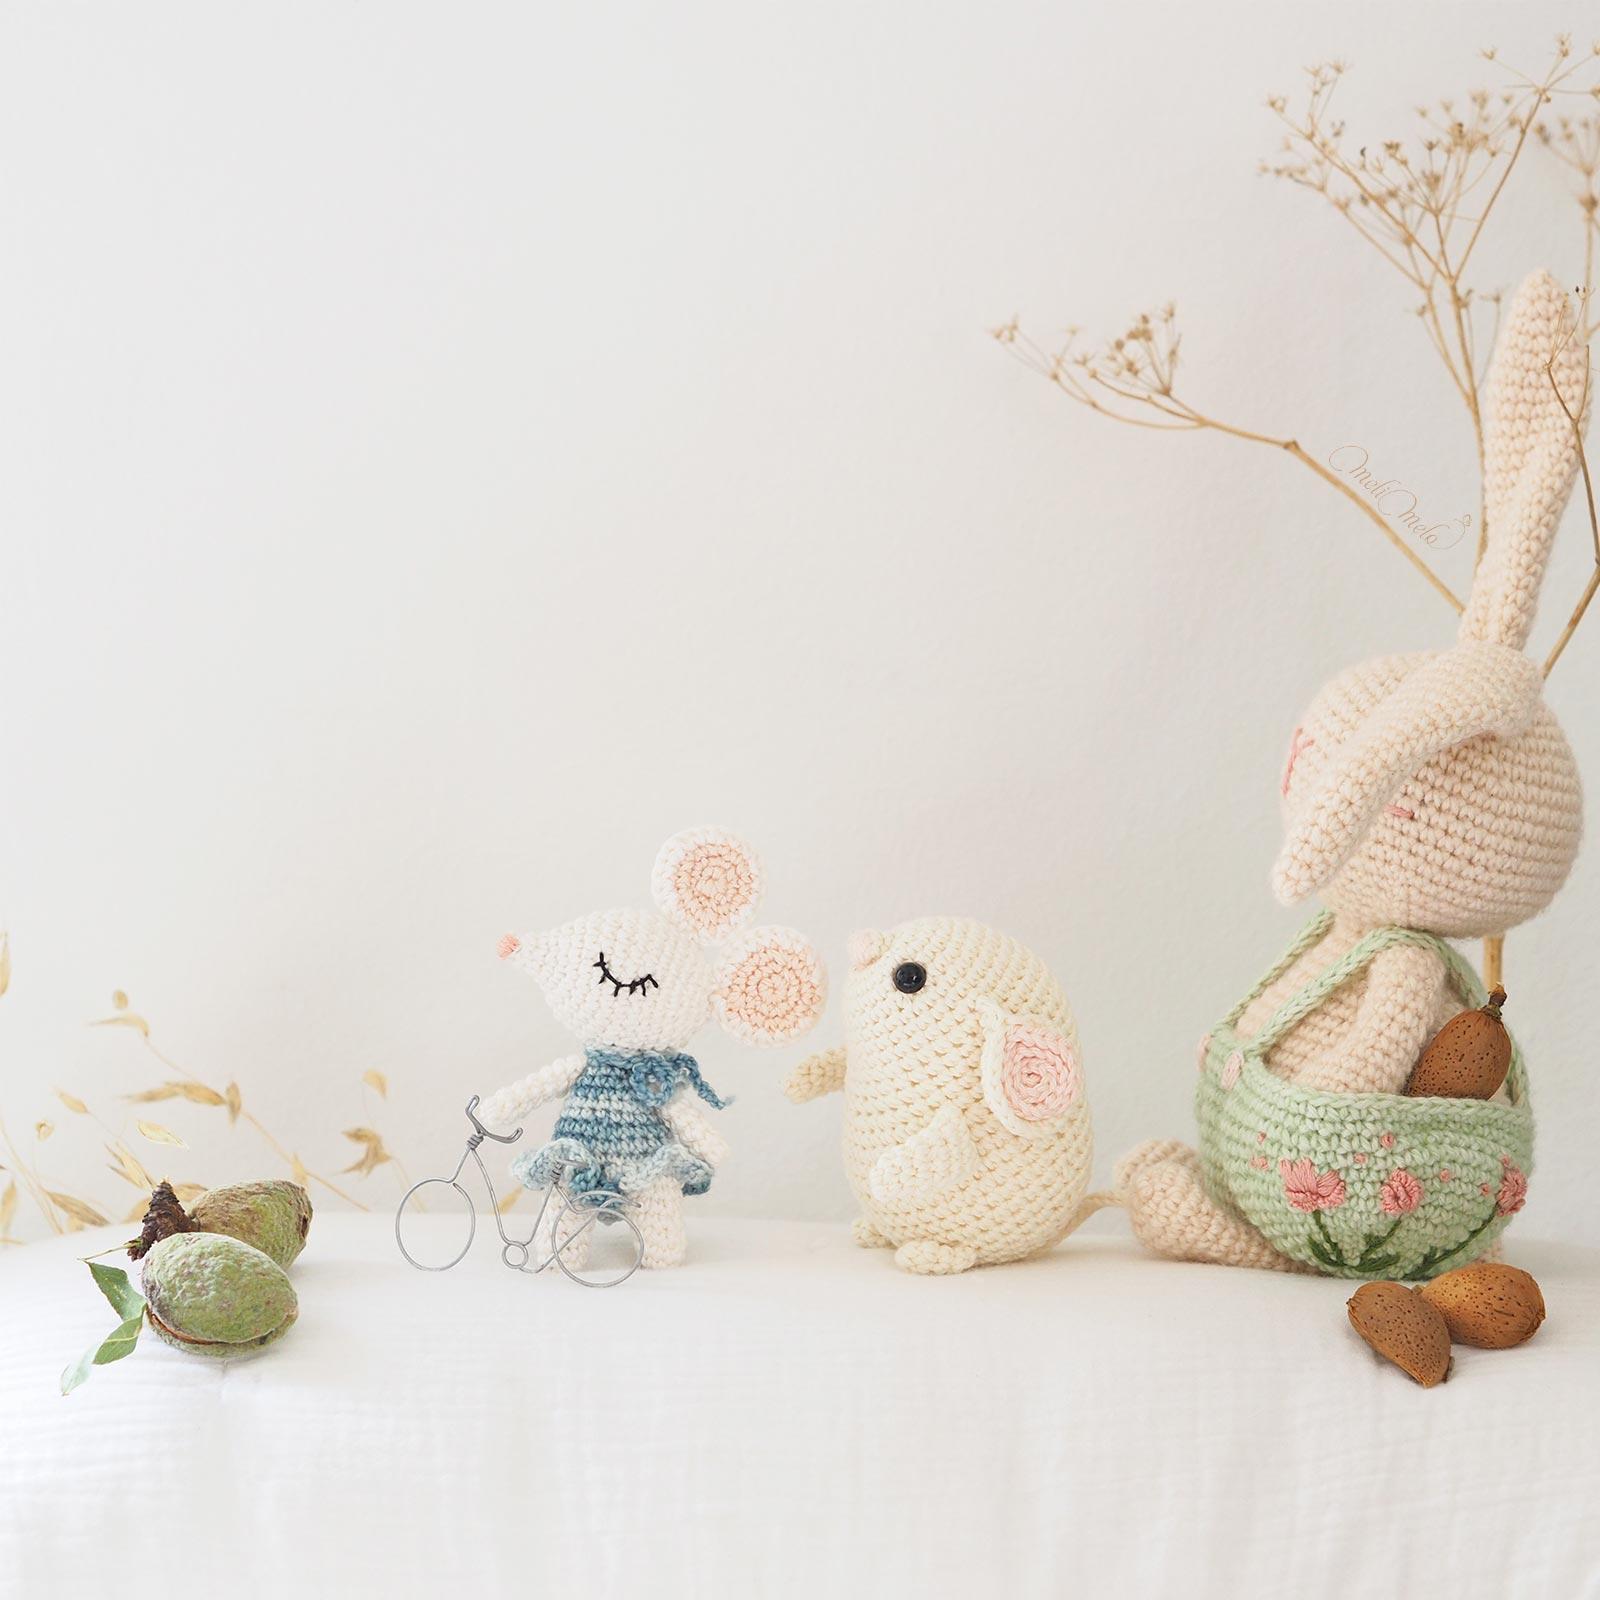 jouet-coton-artisanal-crochet-souris-lapin-amigurumi-laboutiquedemelimelo